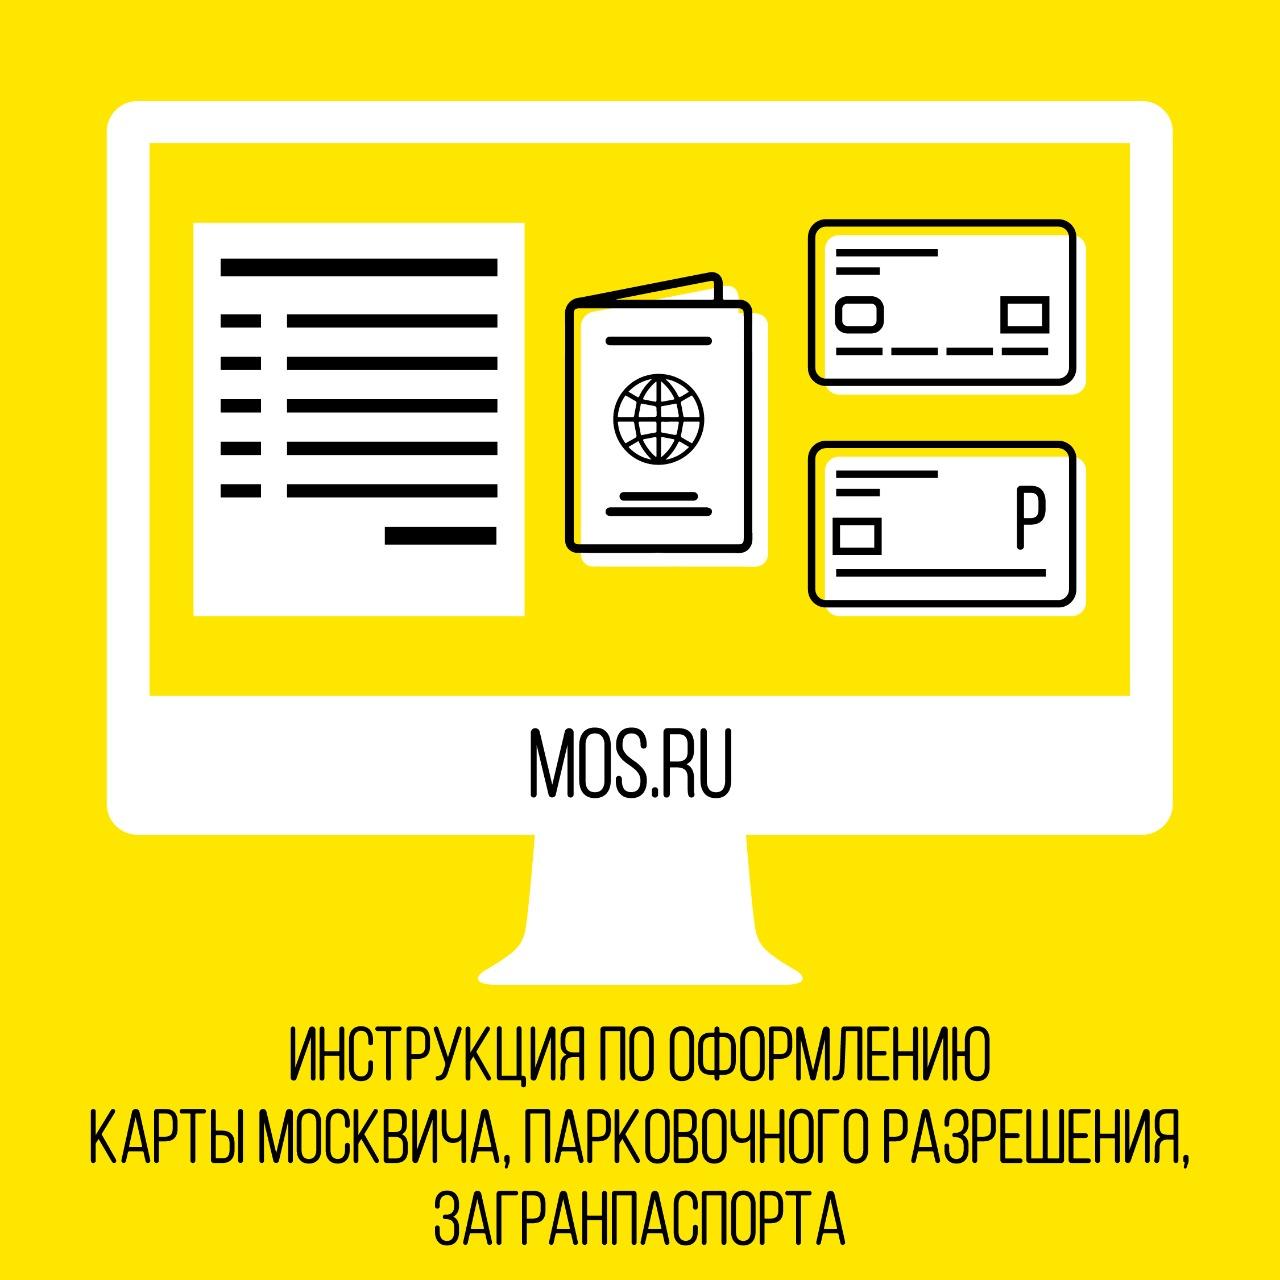 Карта москвича, парковочное разрешение и загранпаспорт: на mos.ru можно оформить документы